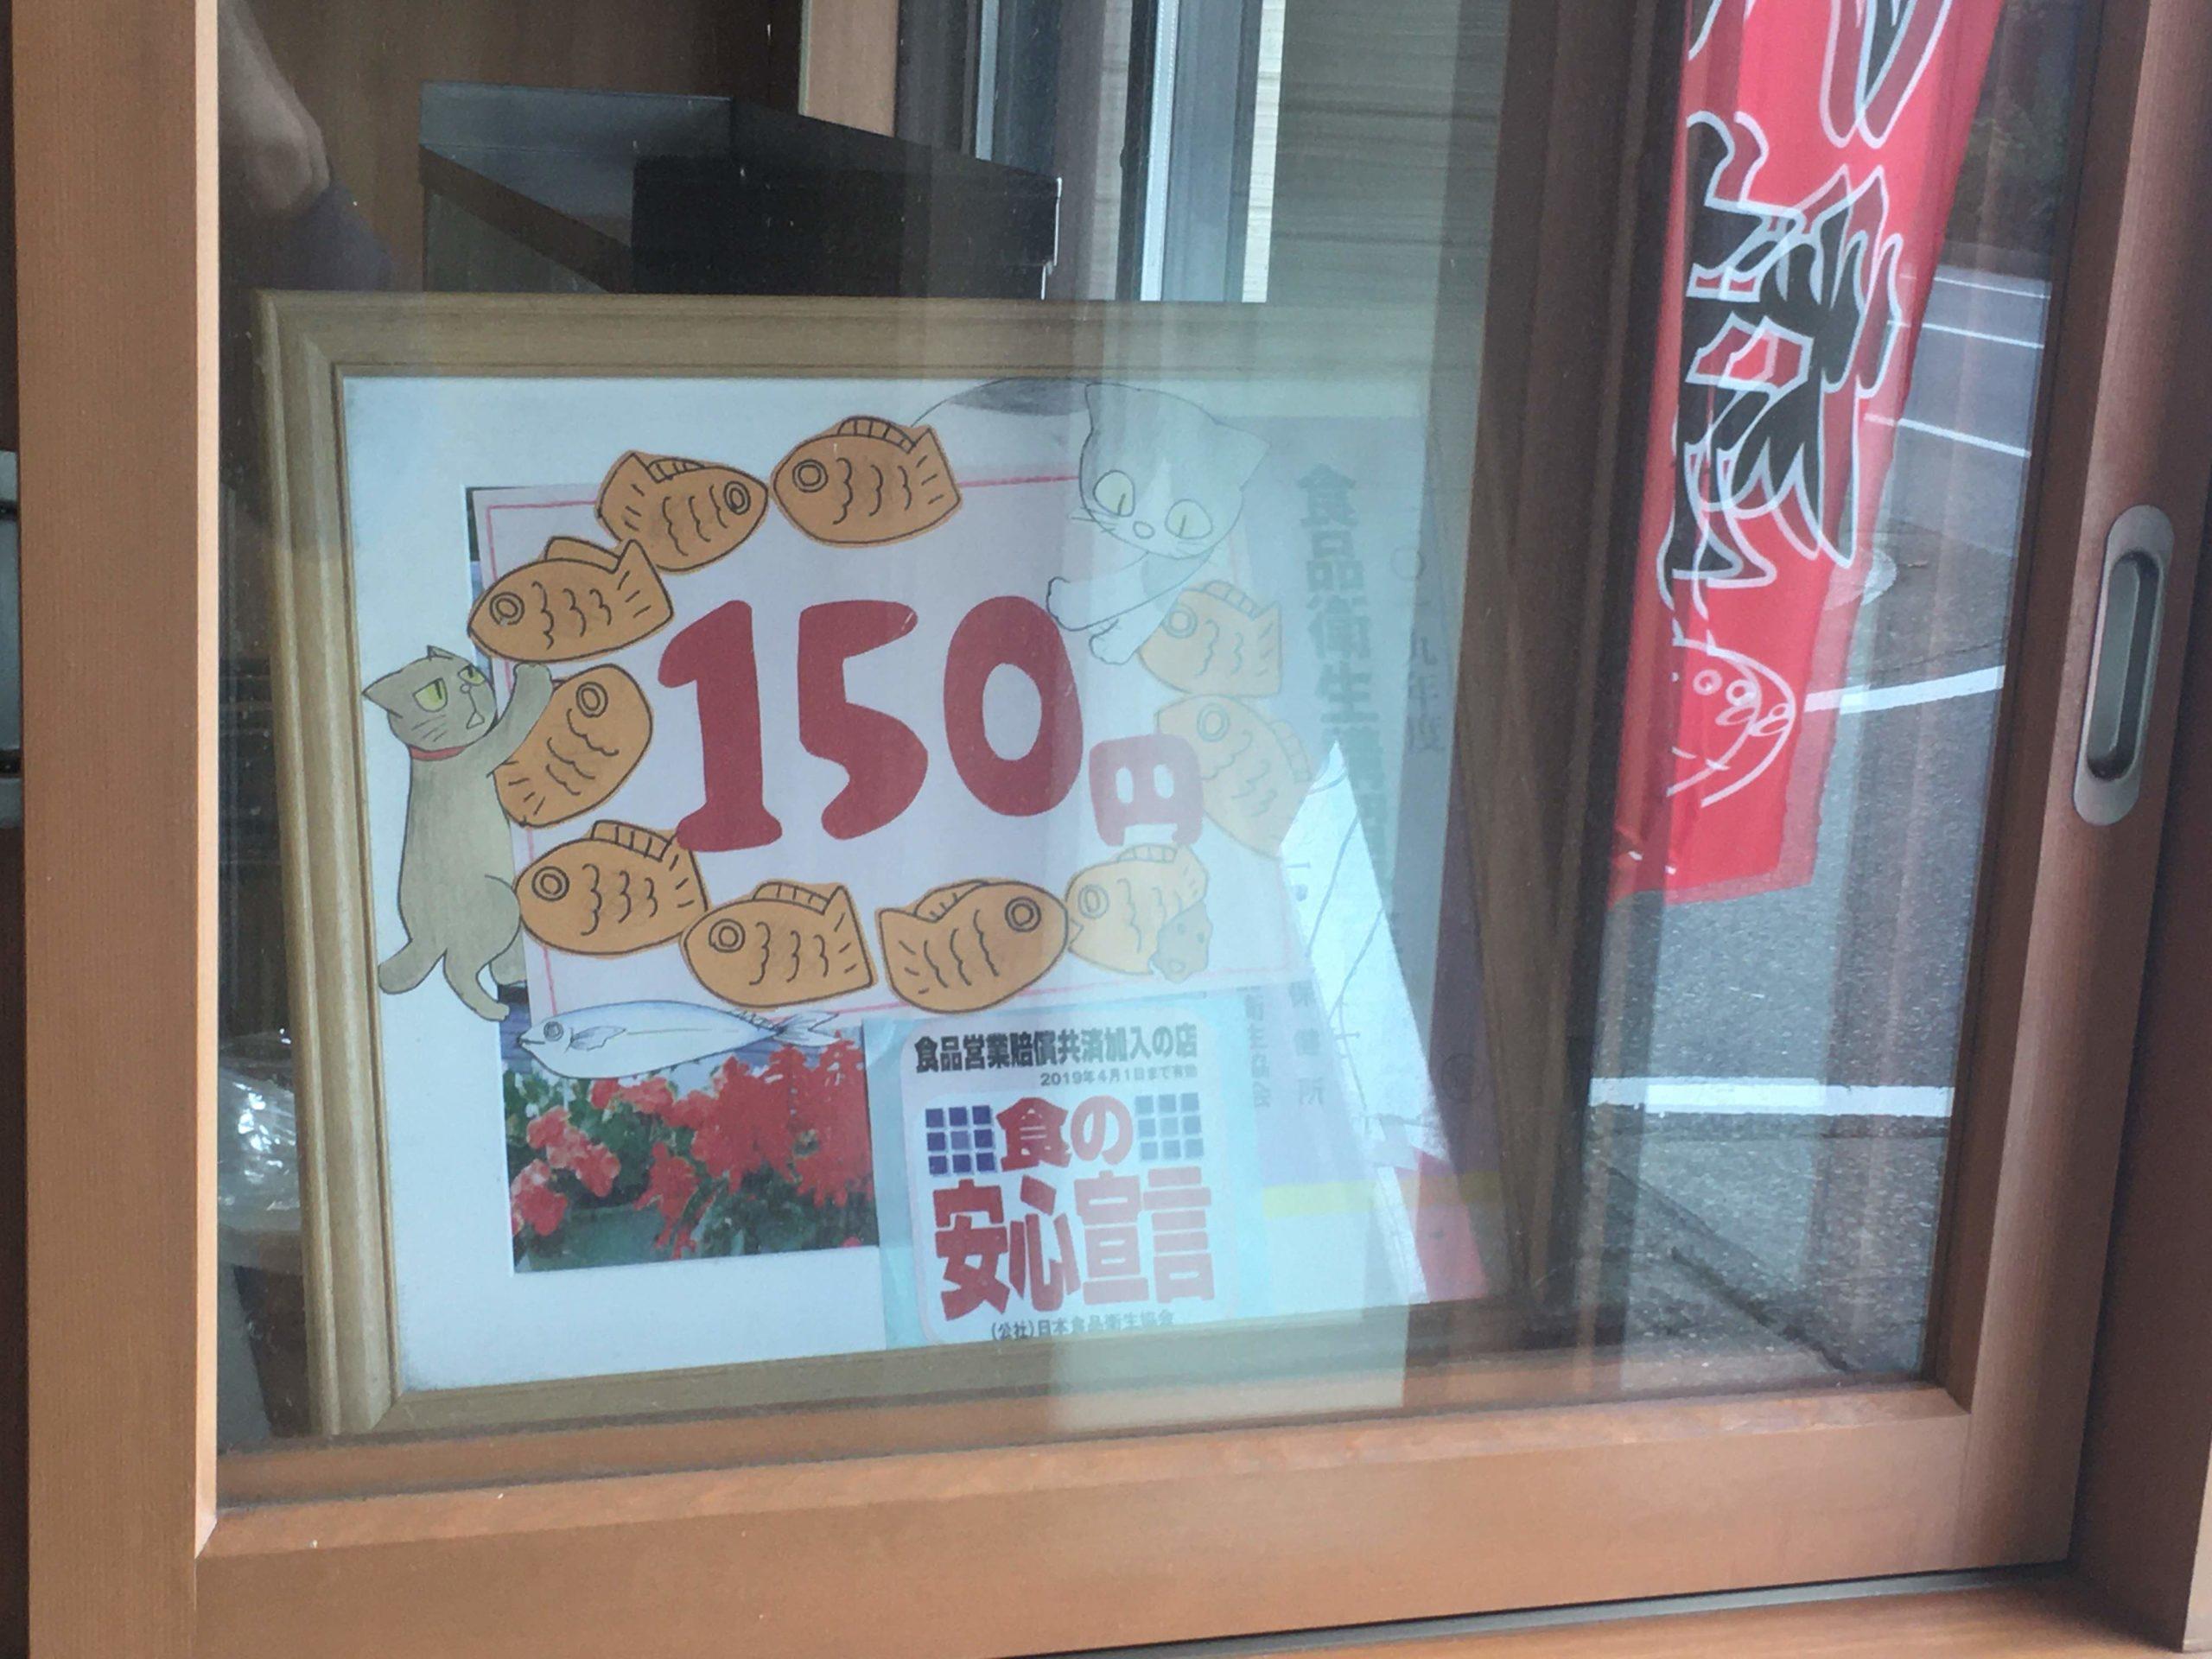 仲屋のたい焼きは1匹150円